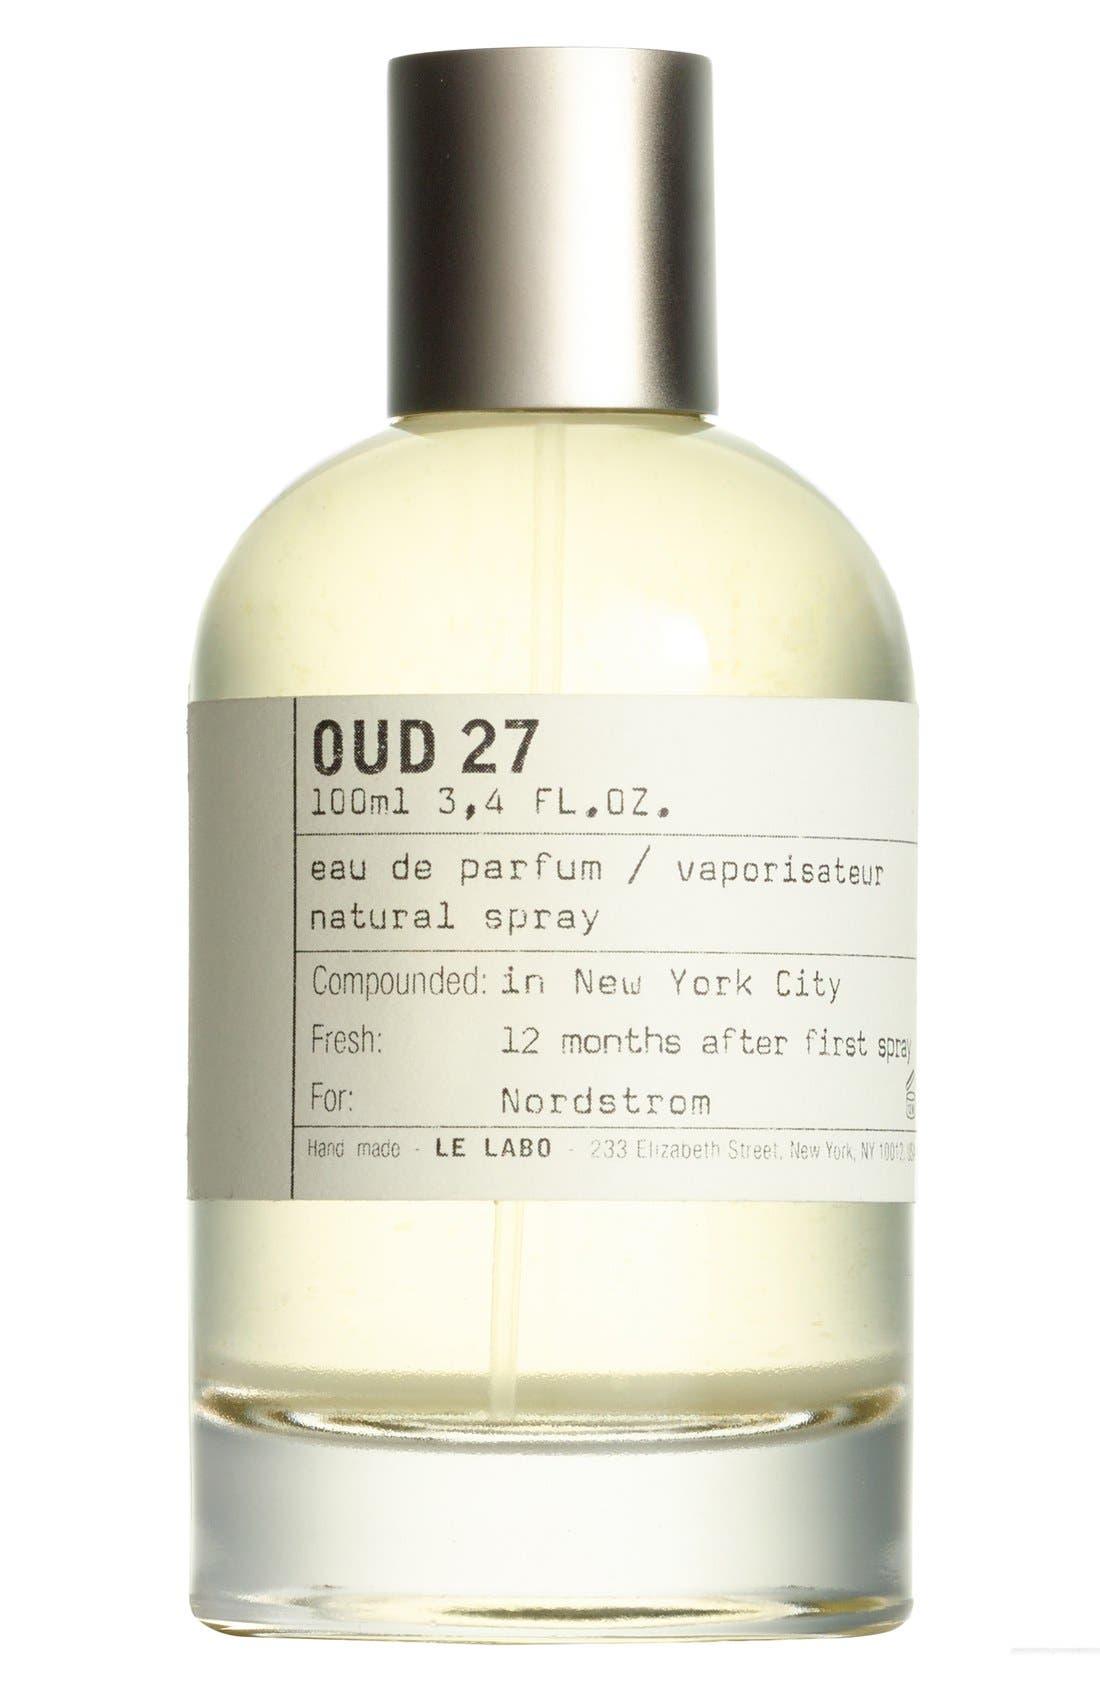 Le Labo 'Oud 27' Eau de Parfum